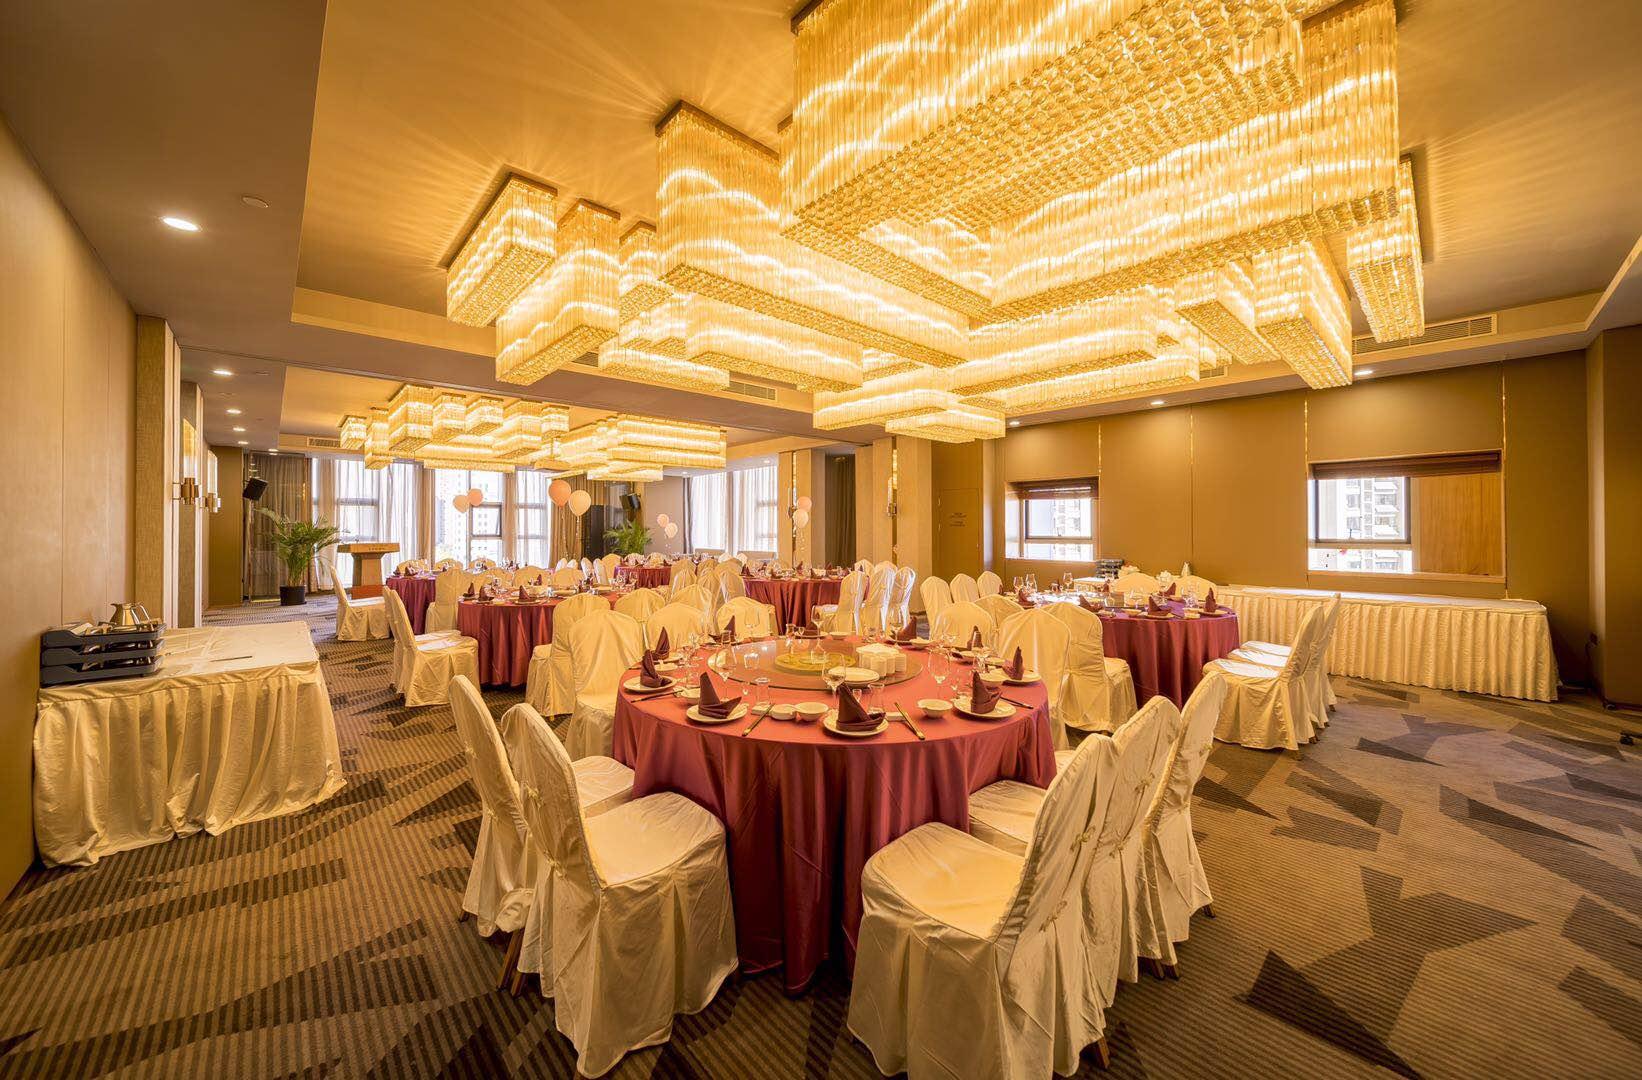 合肥贝斯特韦斯特星达城酒店婚宴预订